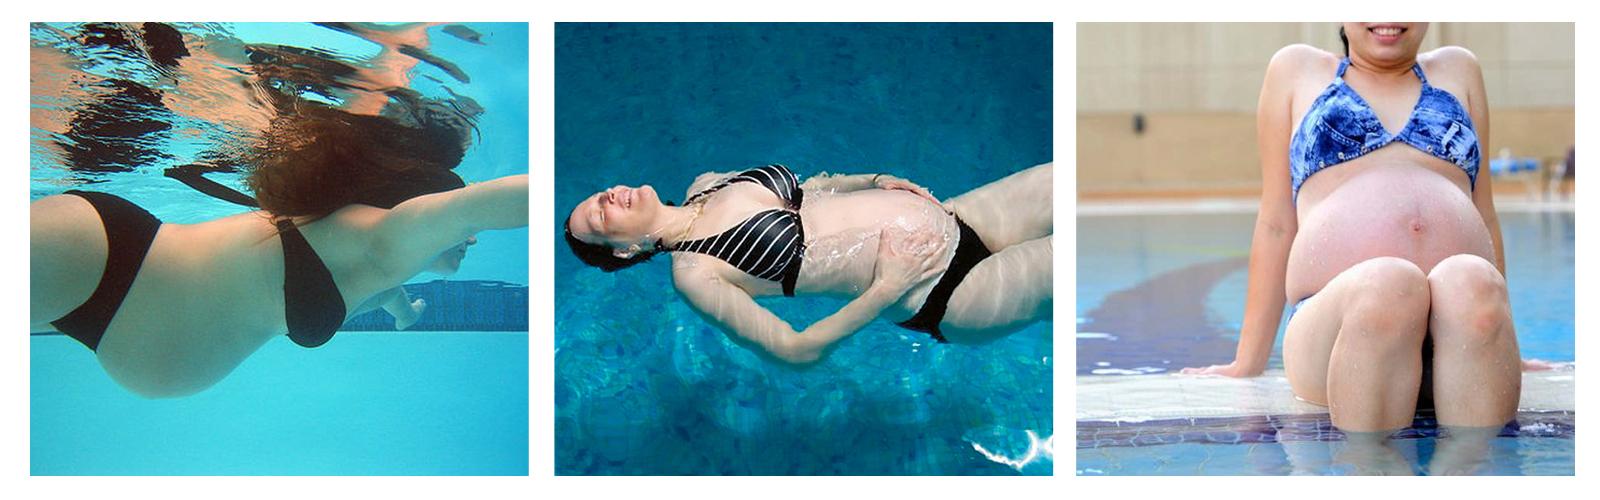 Descubre los beneficios de la natación durante el embarazo